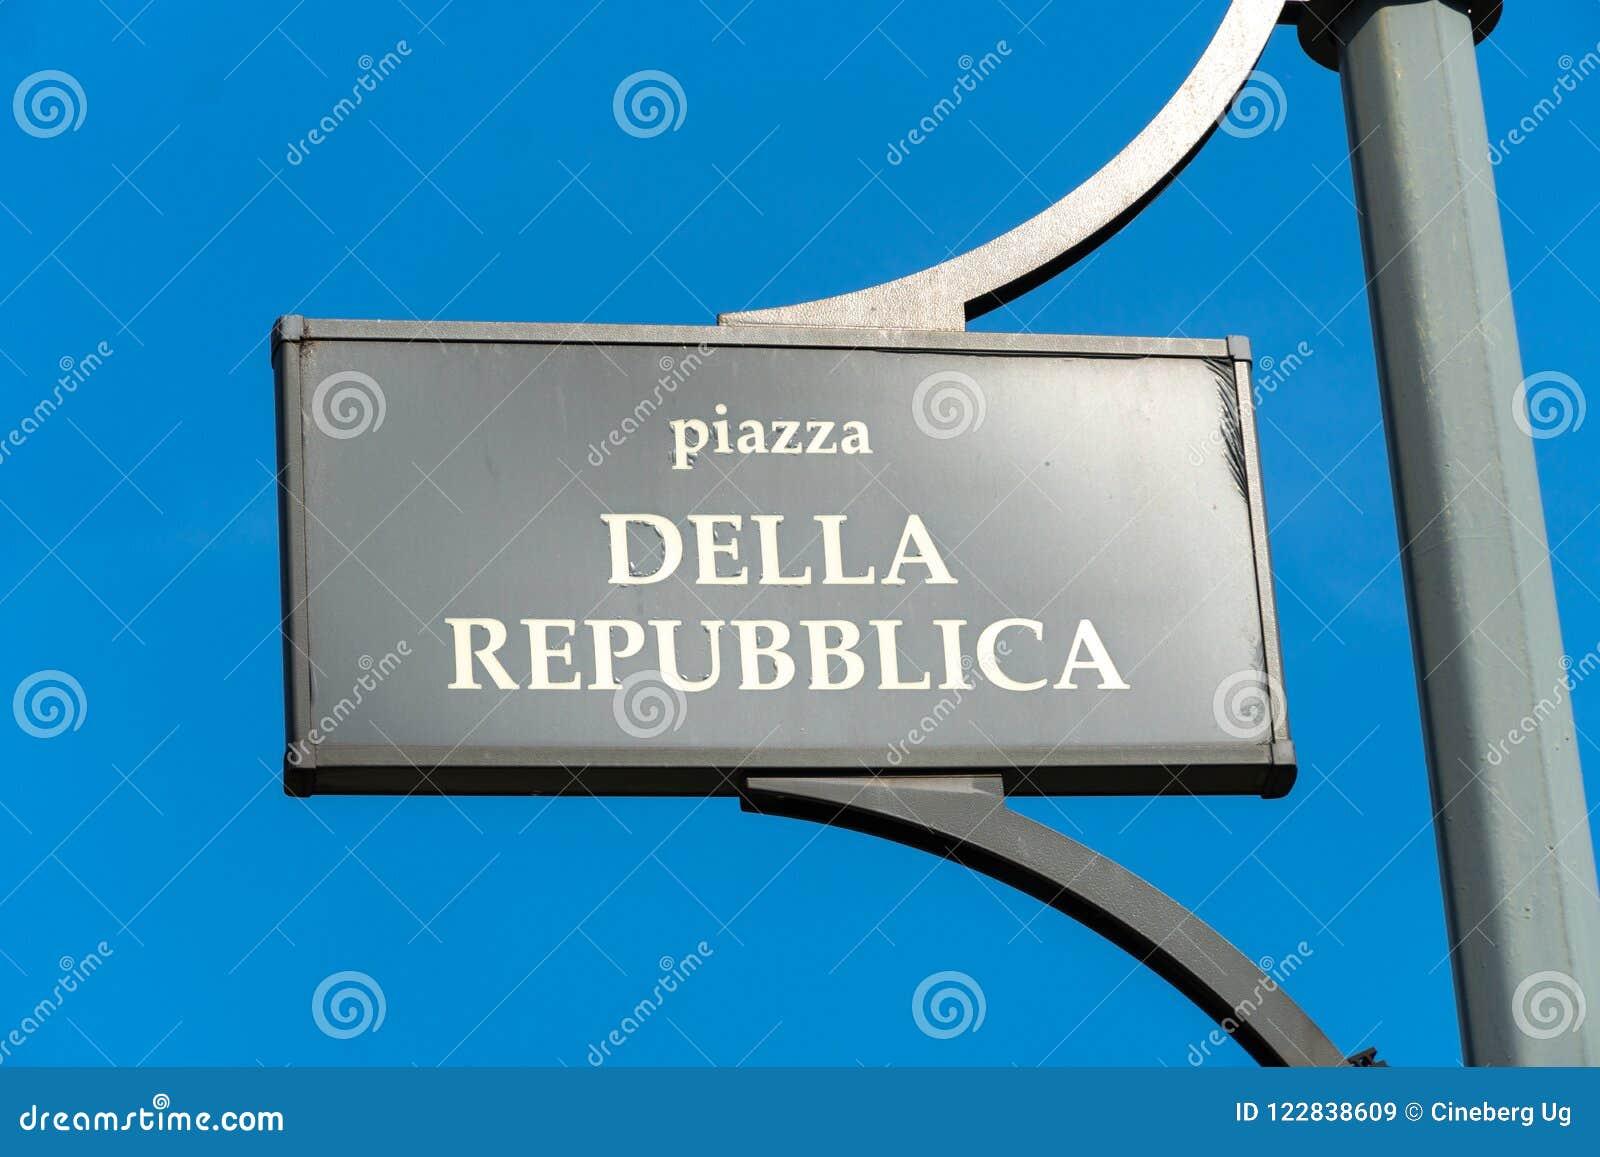 Marktplatz della Repubblica in Mailand, Italien